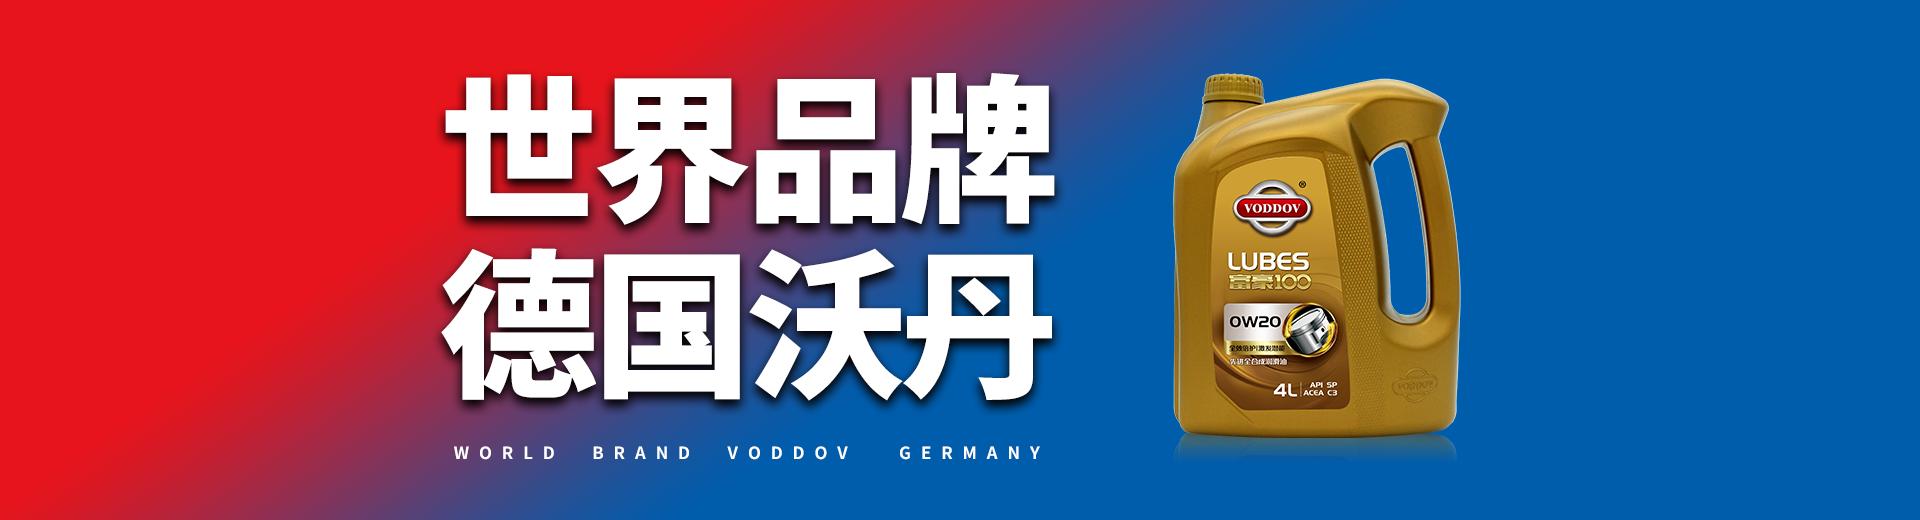 潤滑油品牌